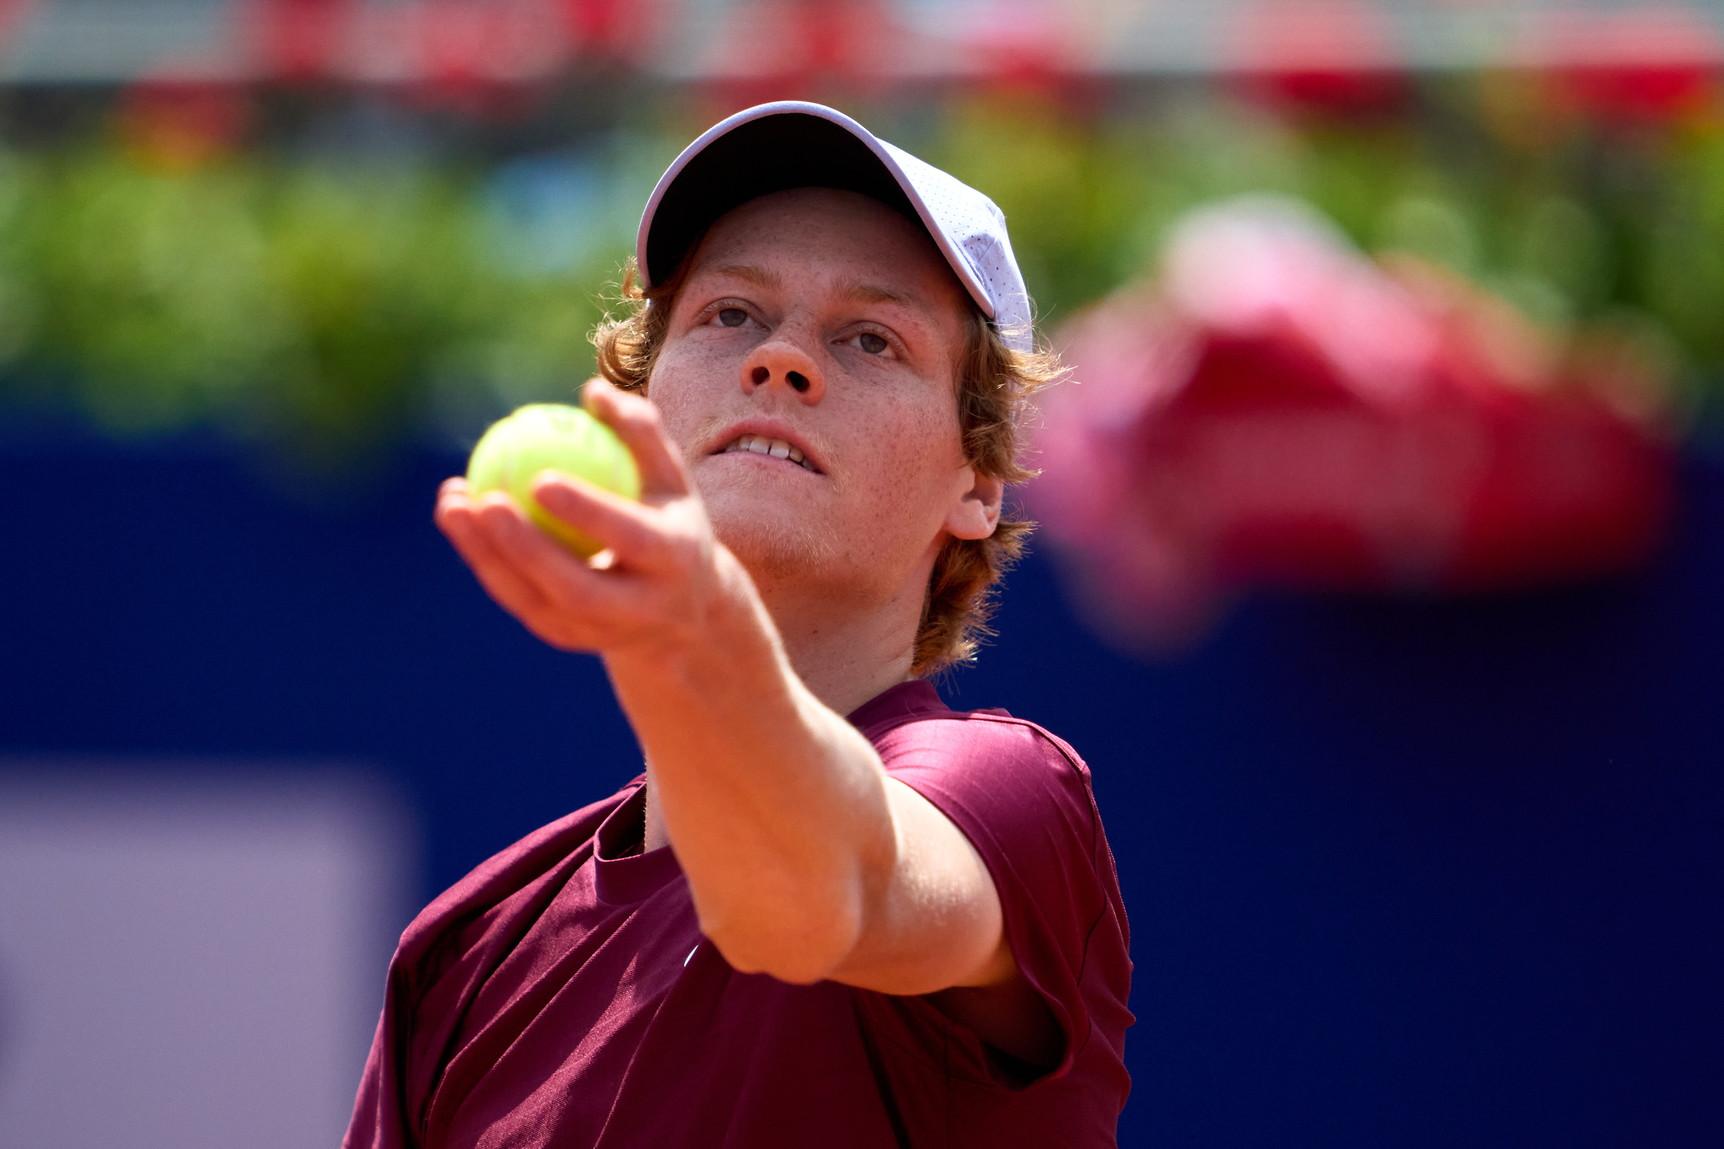 Jannik Sinner, la stella nascente del tennis tricolore, numero 18 al mondo.